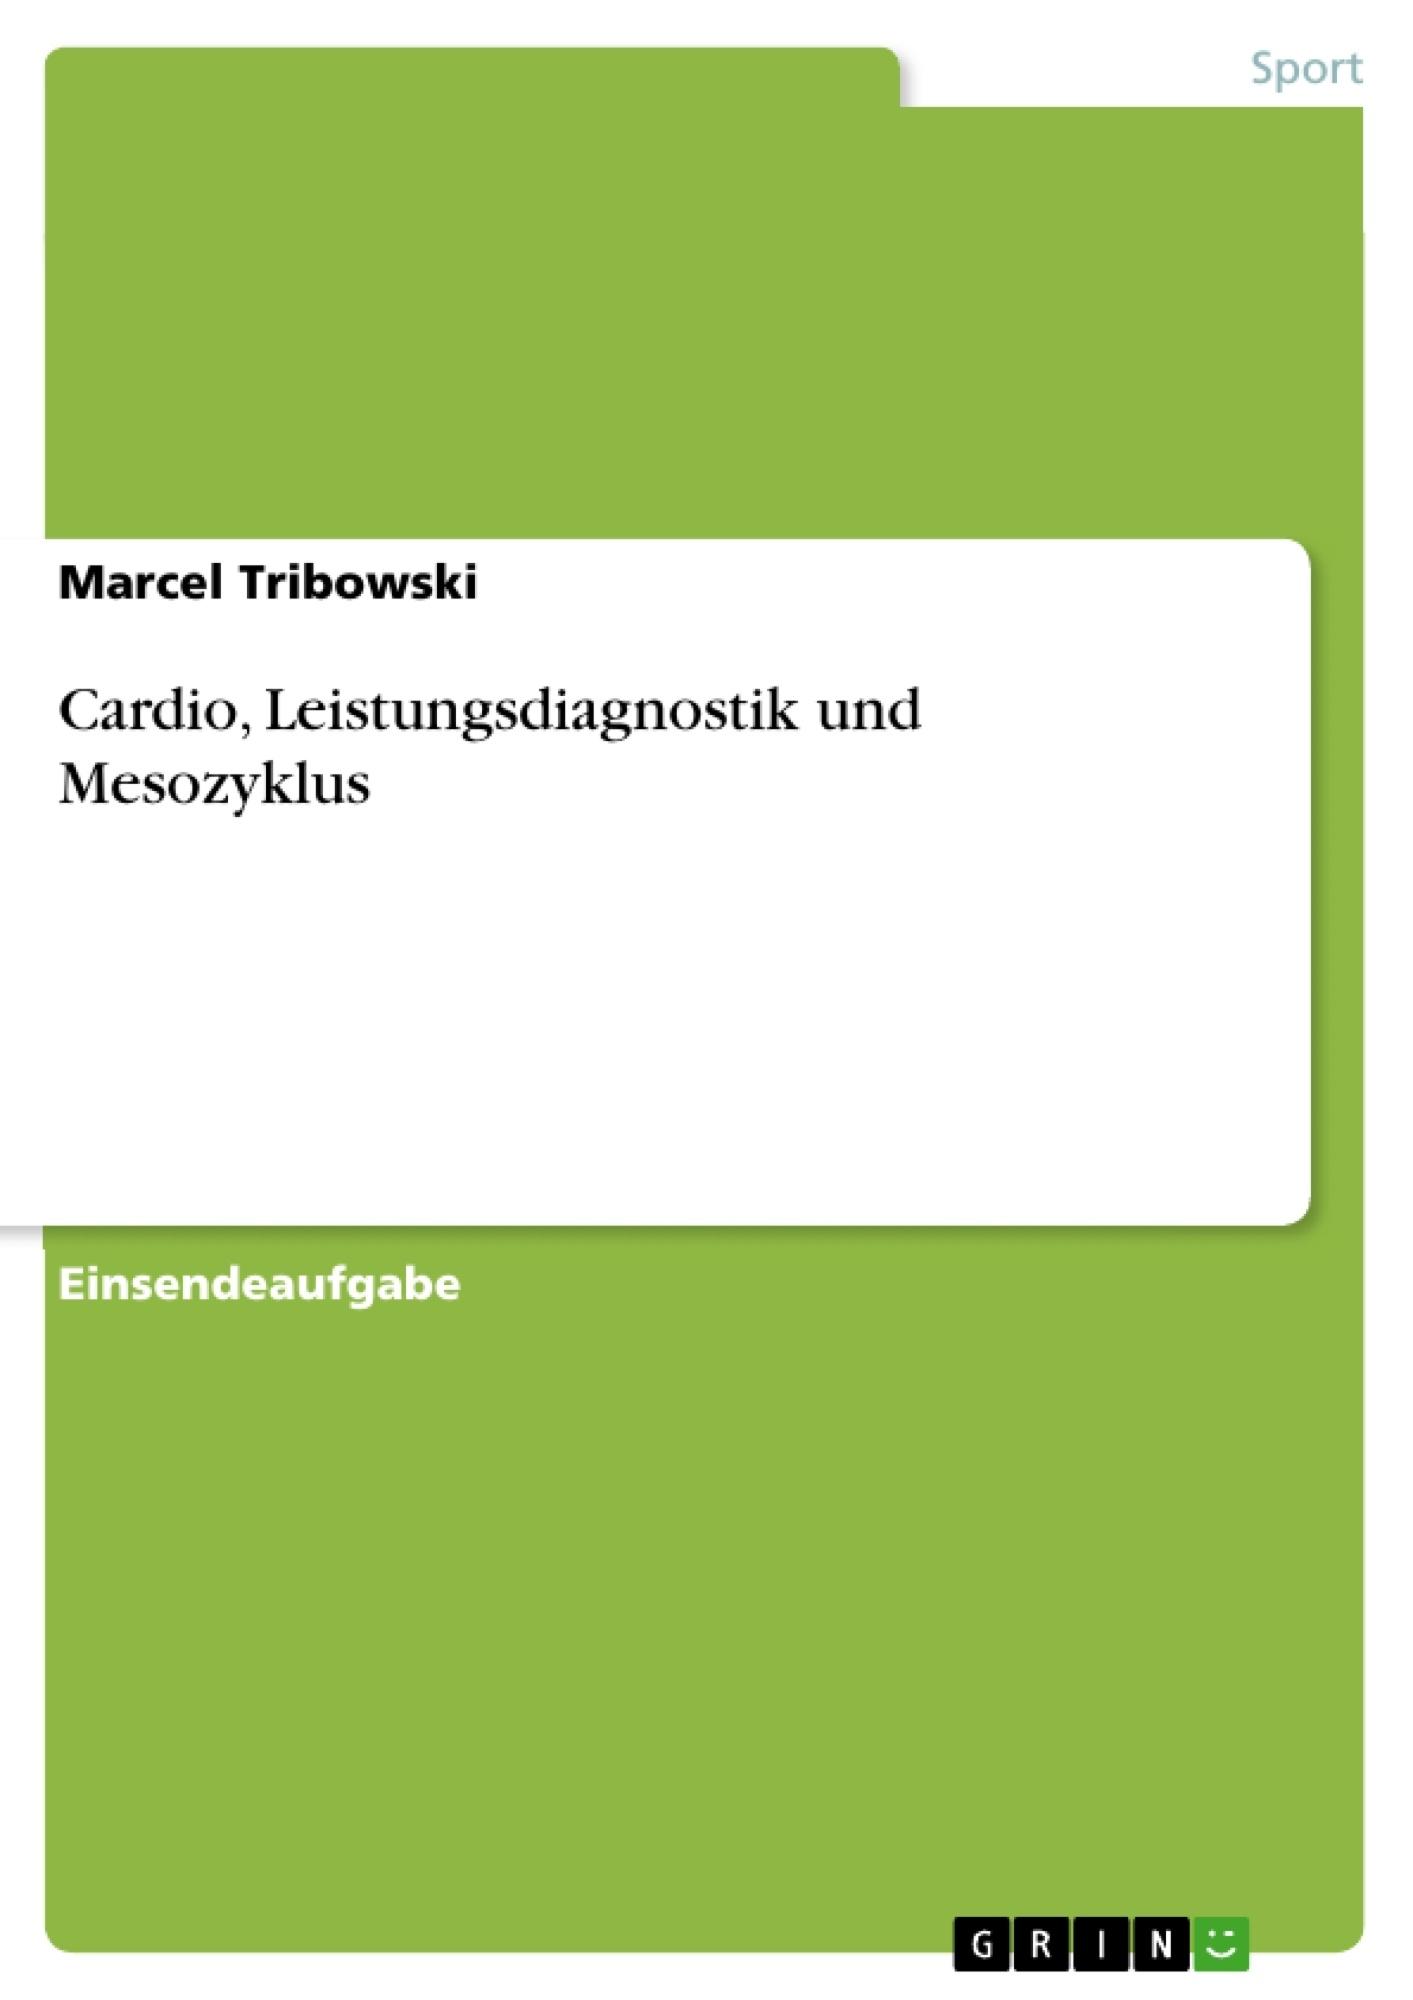 Titel: Cardio, Leistungsdiagnostik und Mesozyklus